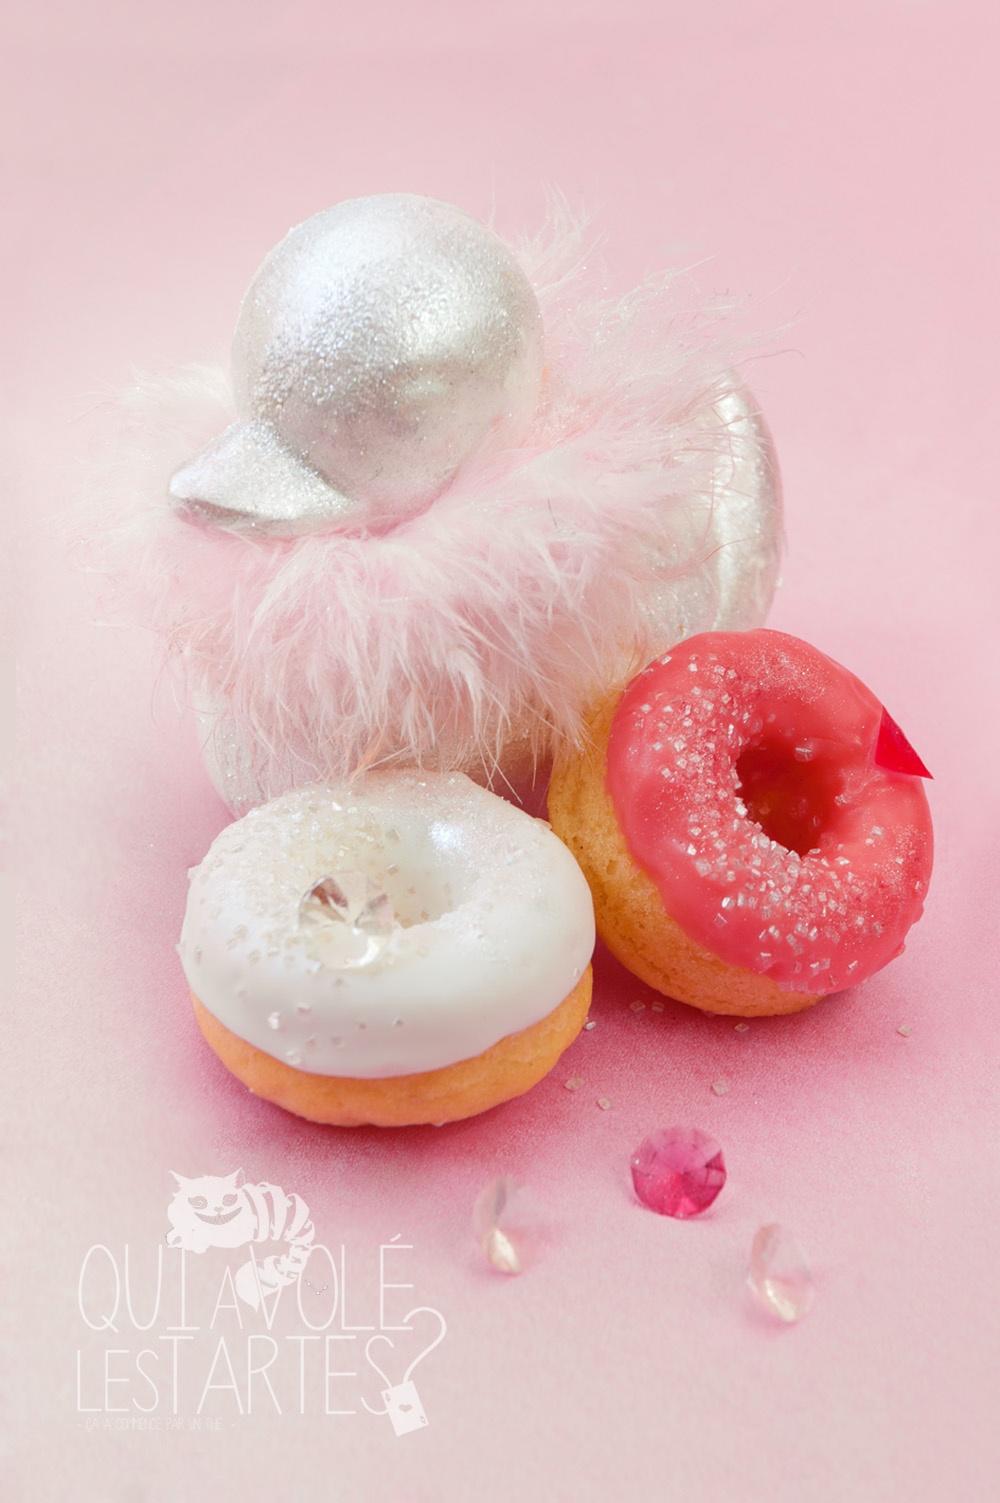 Donuts sans gluten St Valentin - Studio de création - Qui a volé les tartes